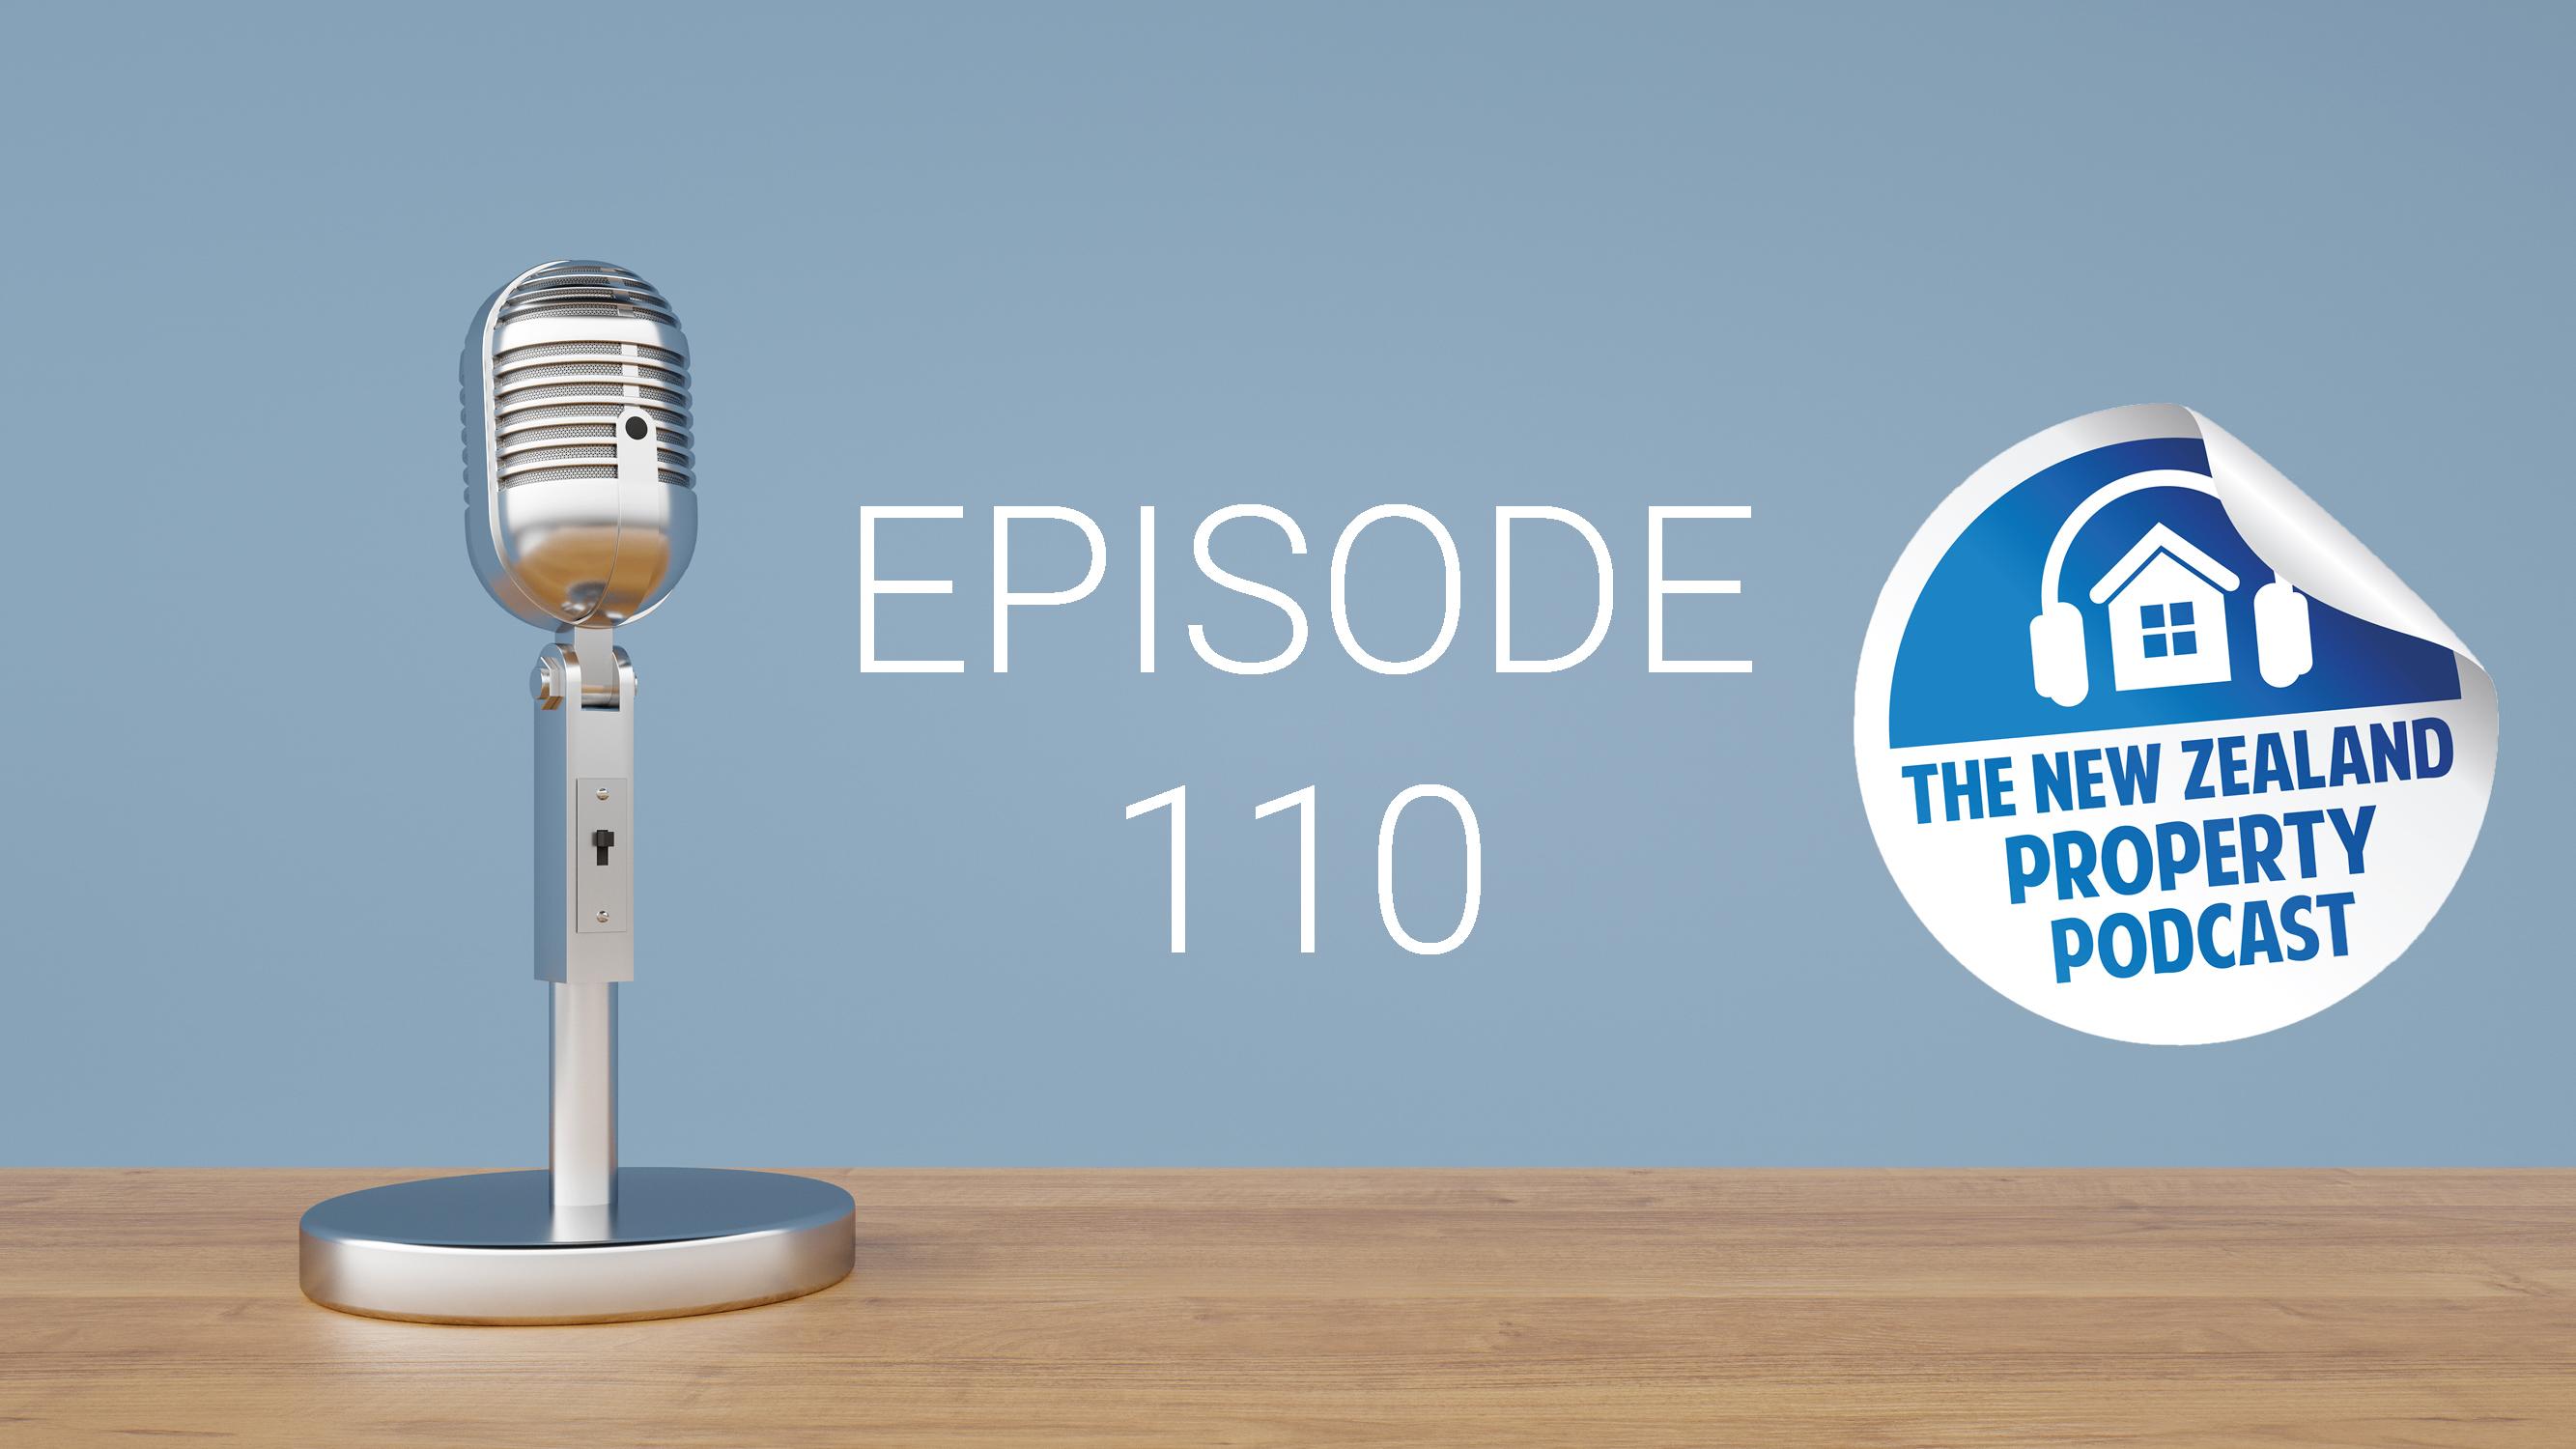 New Zealand Property Podcast Episode 110